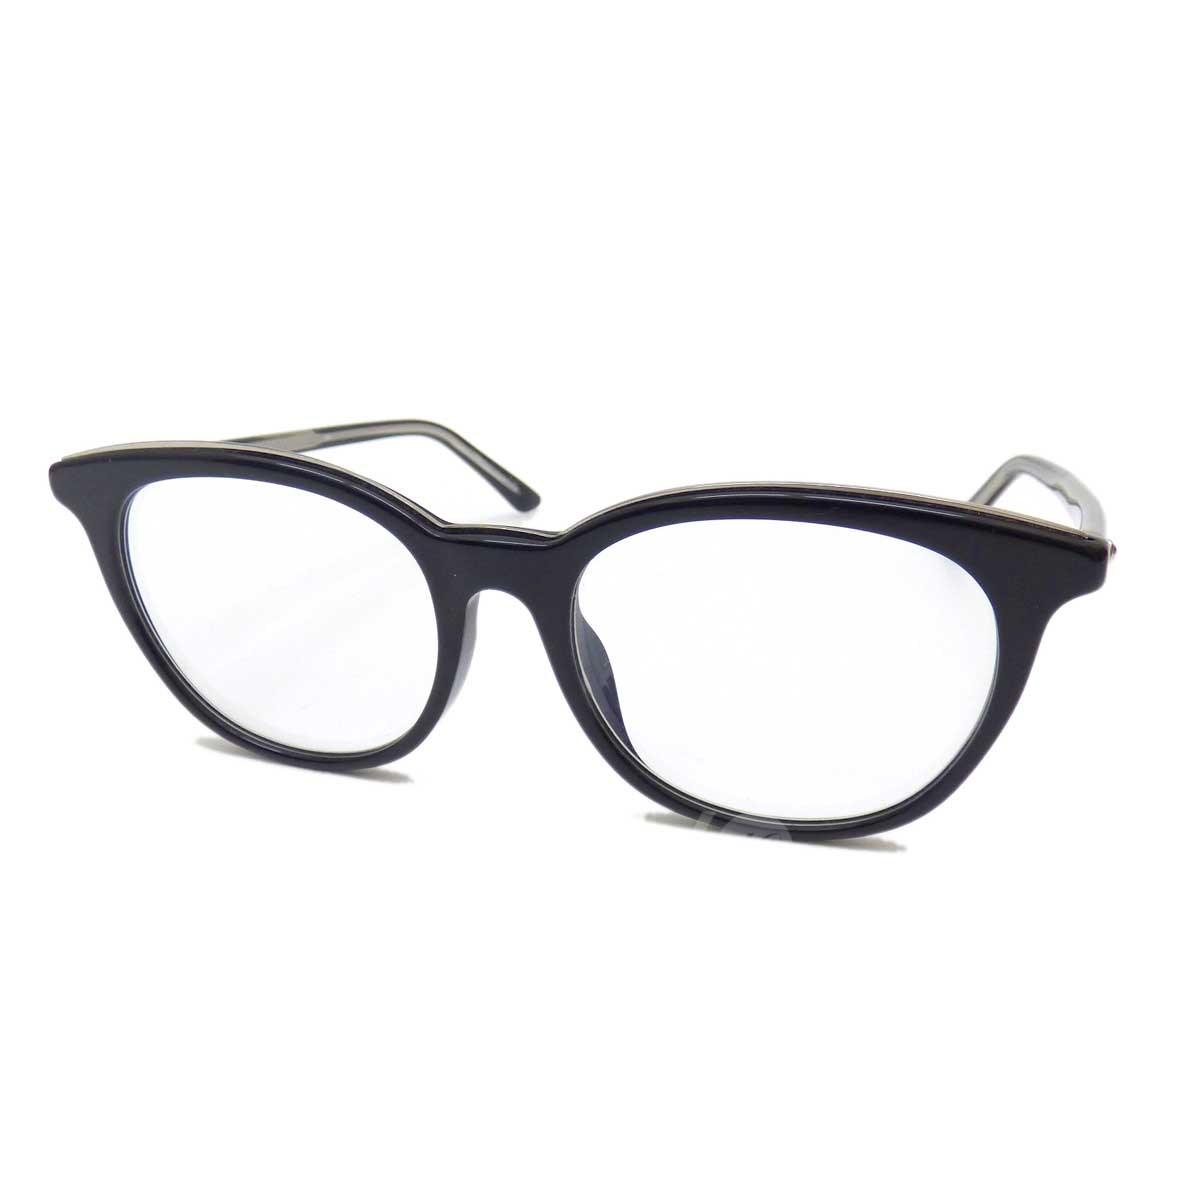 【中古】Christian Dior No41F montaigne 眼鏡 ブラック サイズ:- 【020418】(クリスチャンディオール)